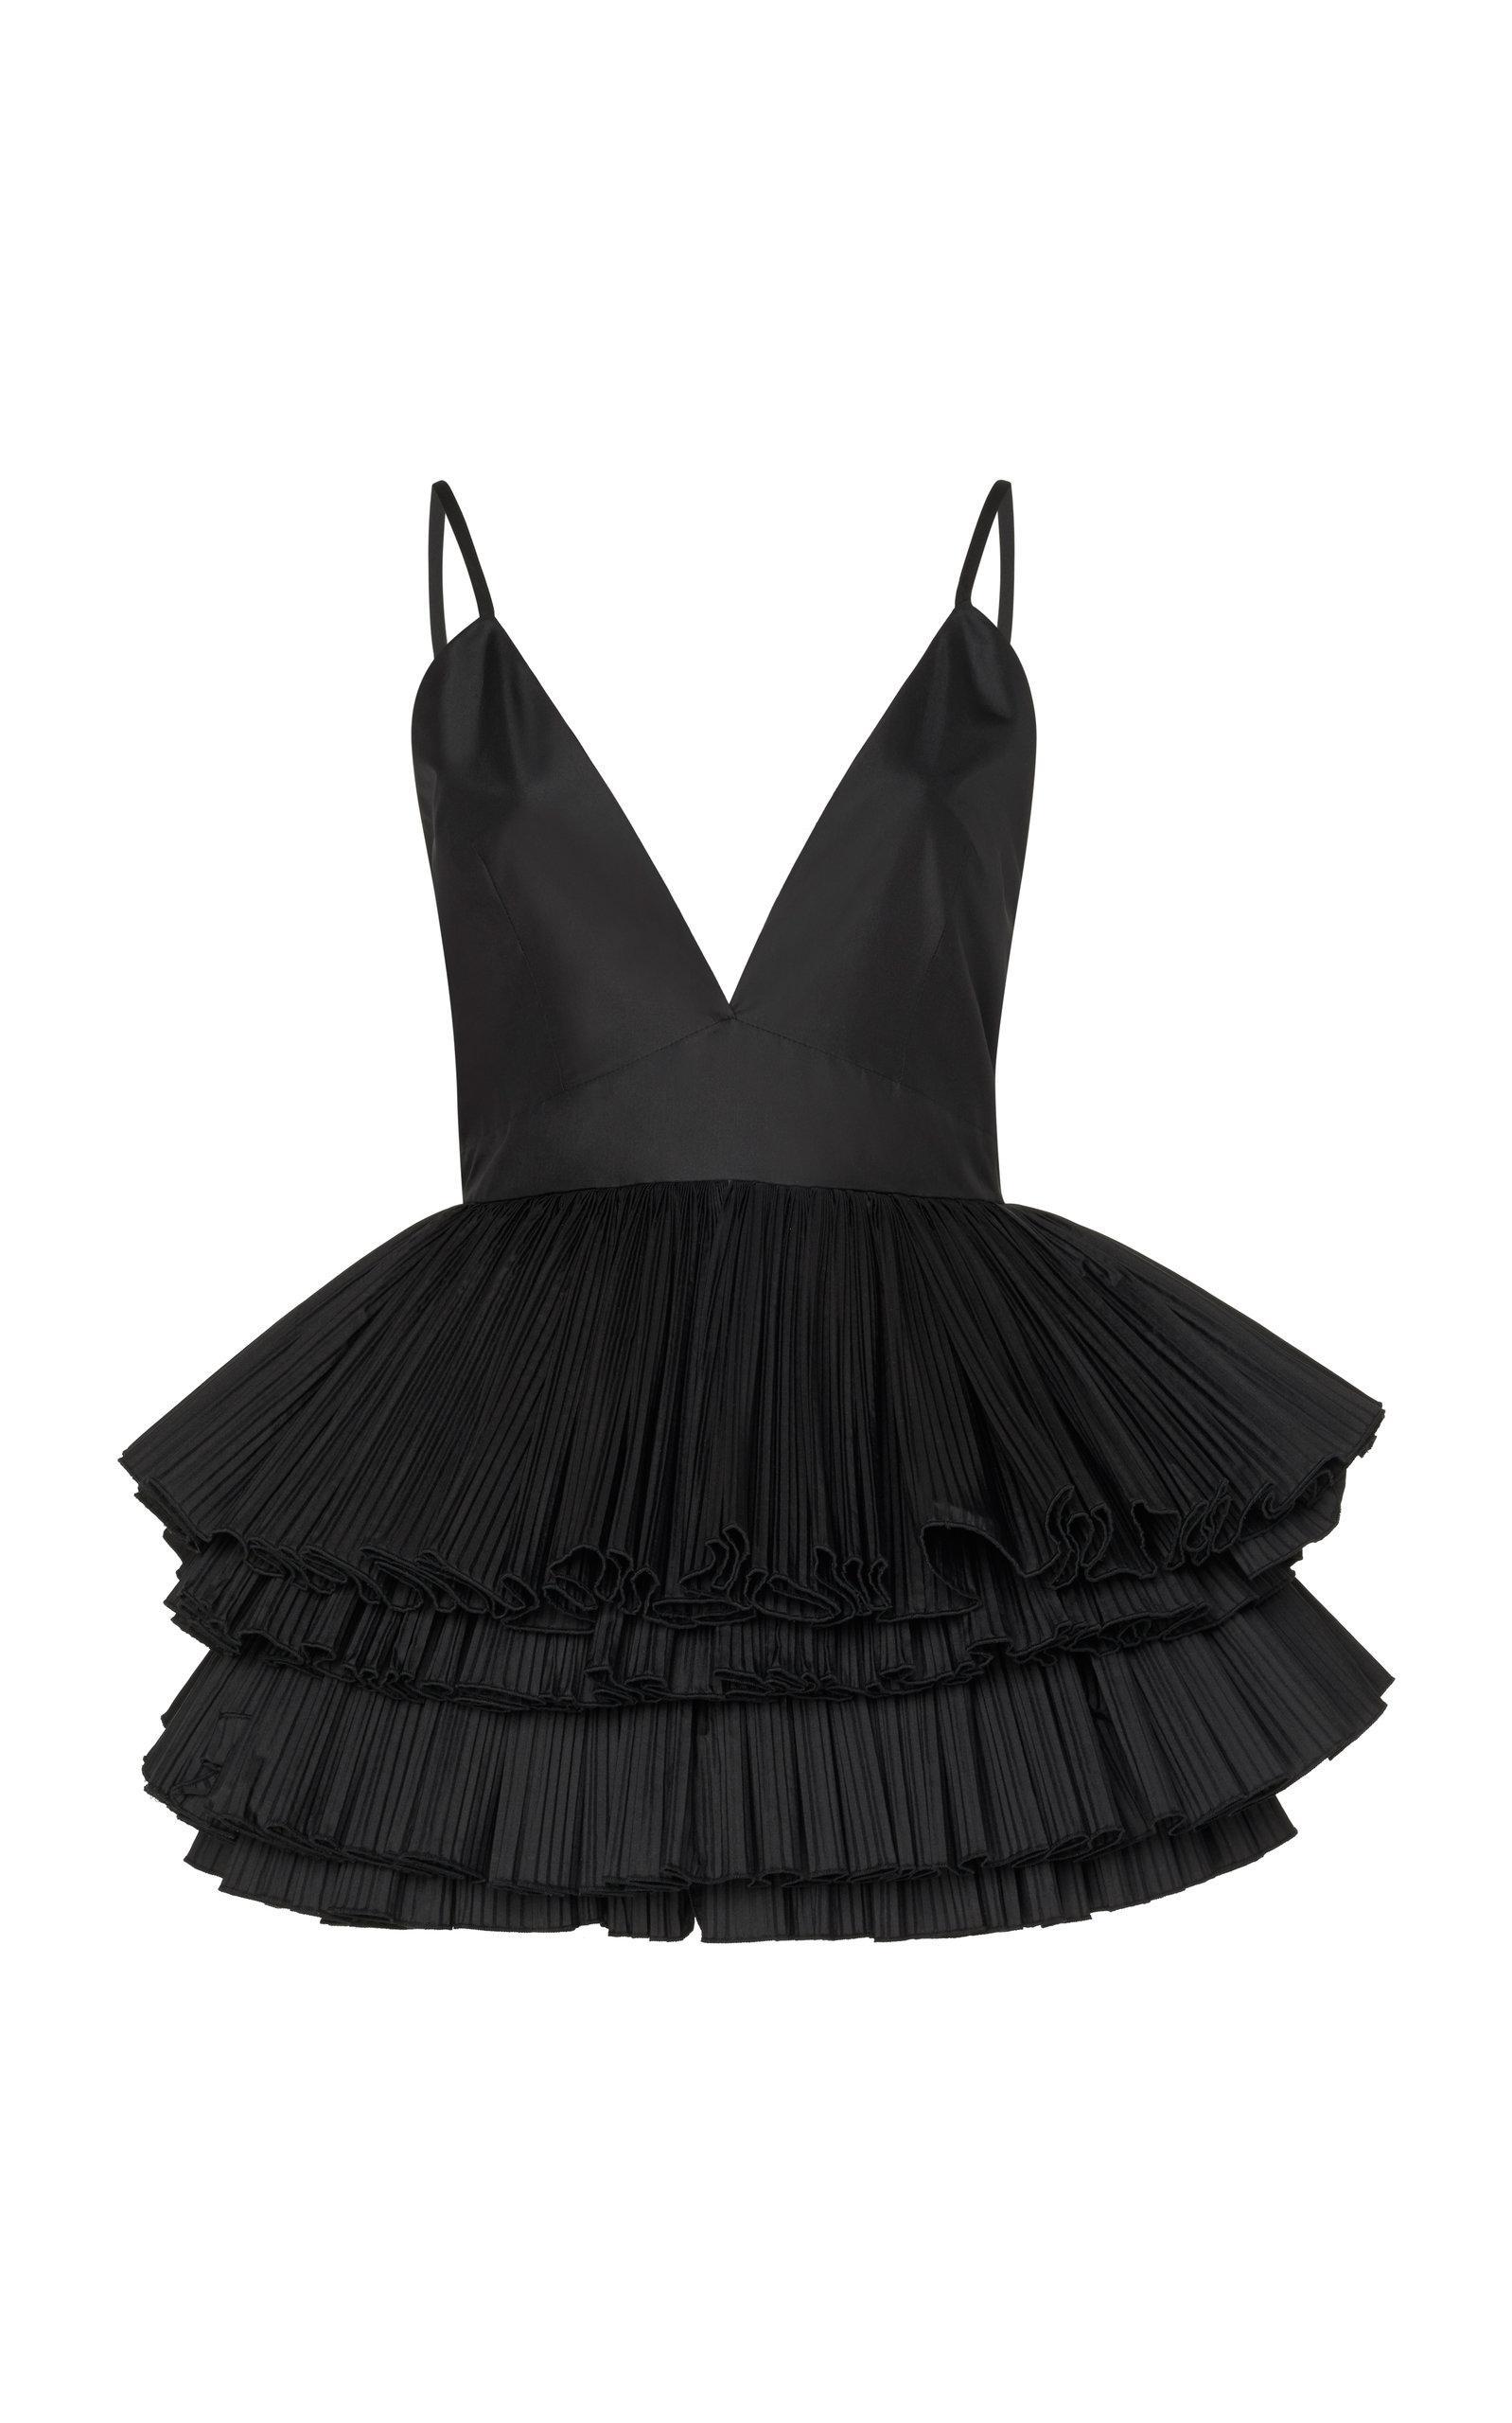 Alessandra Rich Silk Taffeta Tutu Dress In Black